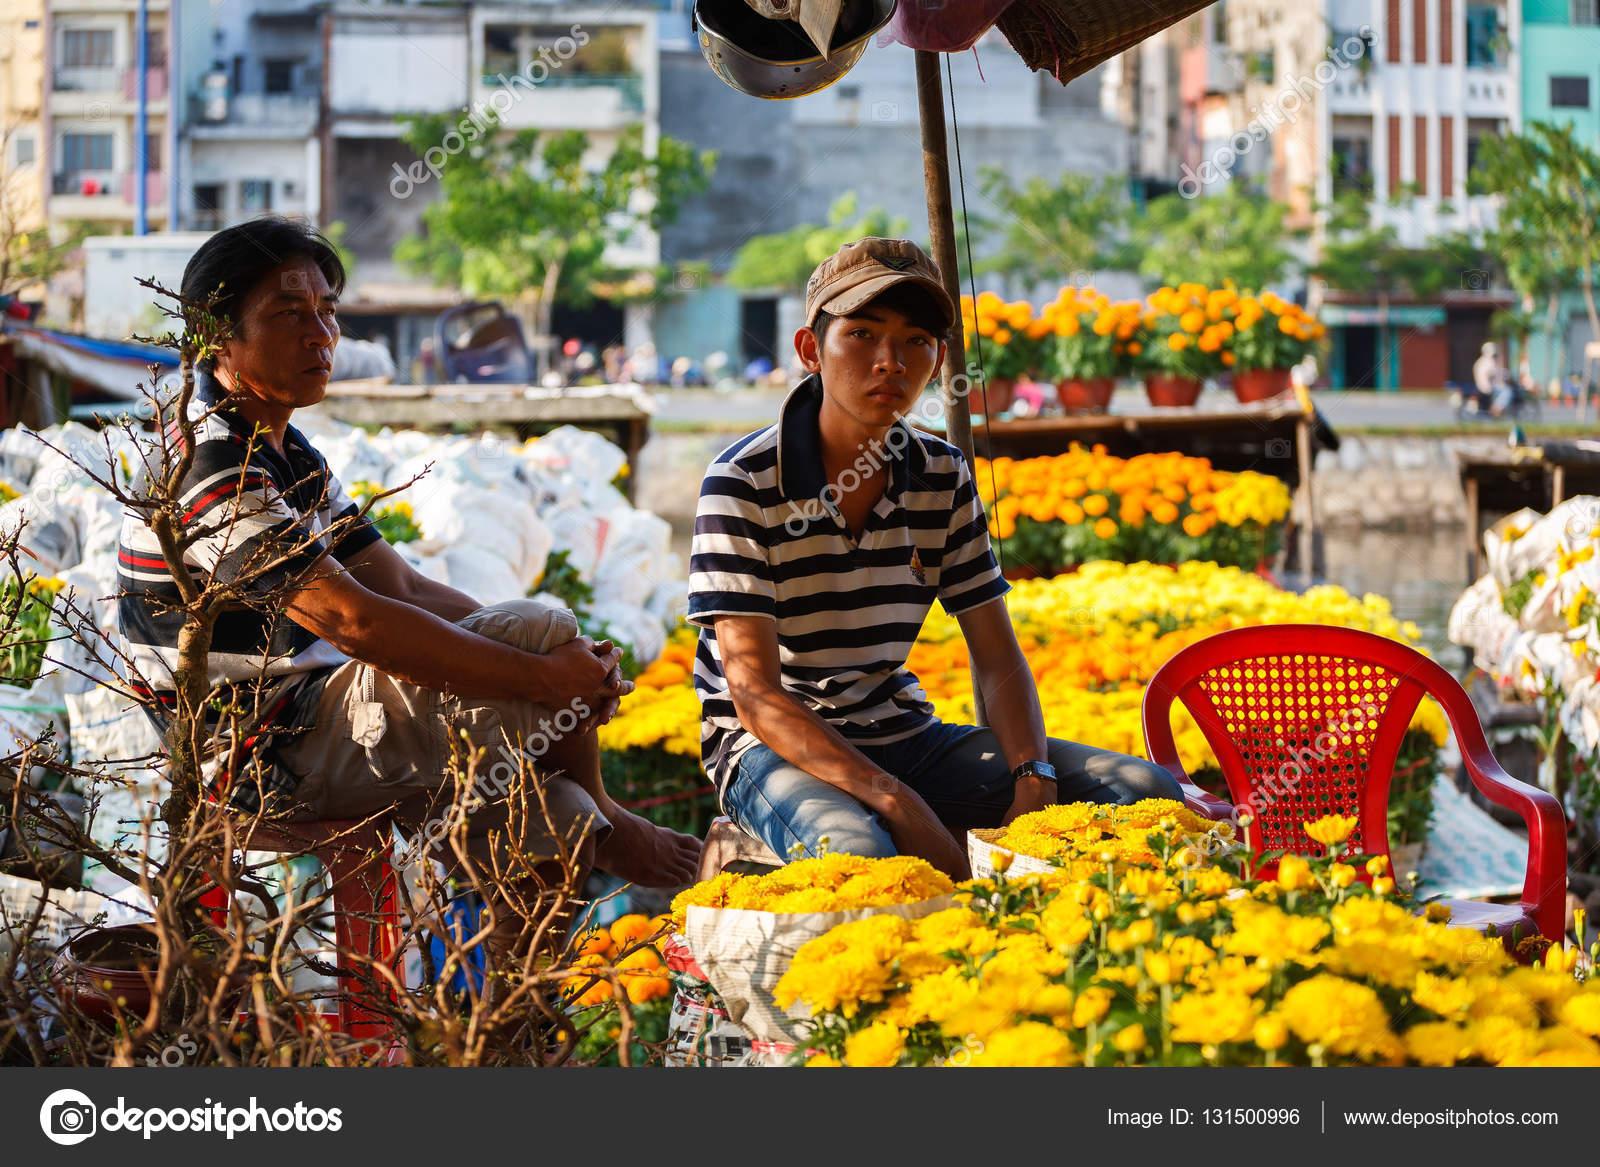 Binh Dong Floating Flower Market.Saigon Vietnam Jan 27 2014 Flowers Street Vendor At Binh Dong